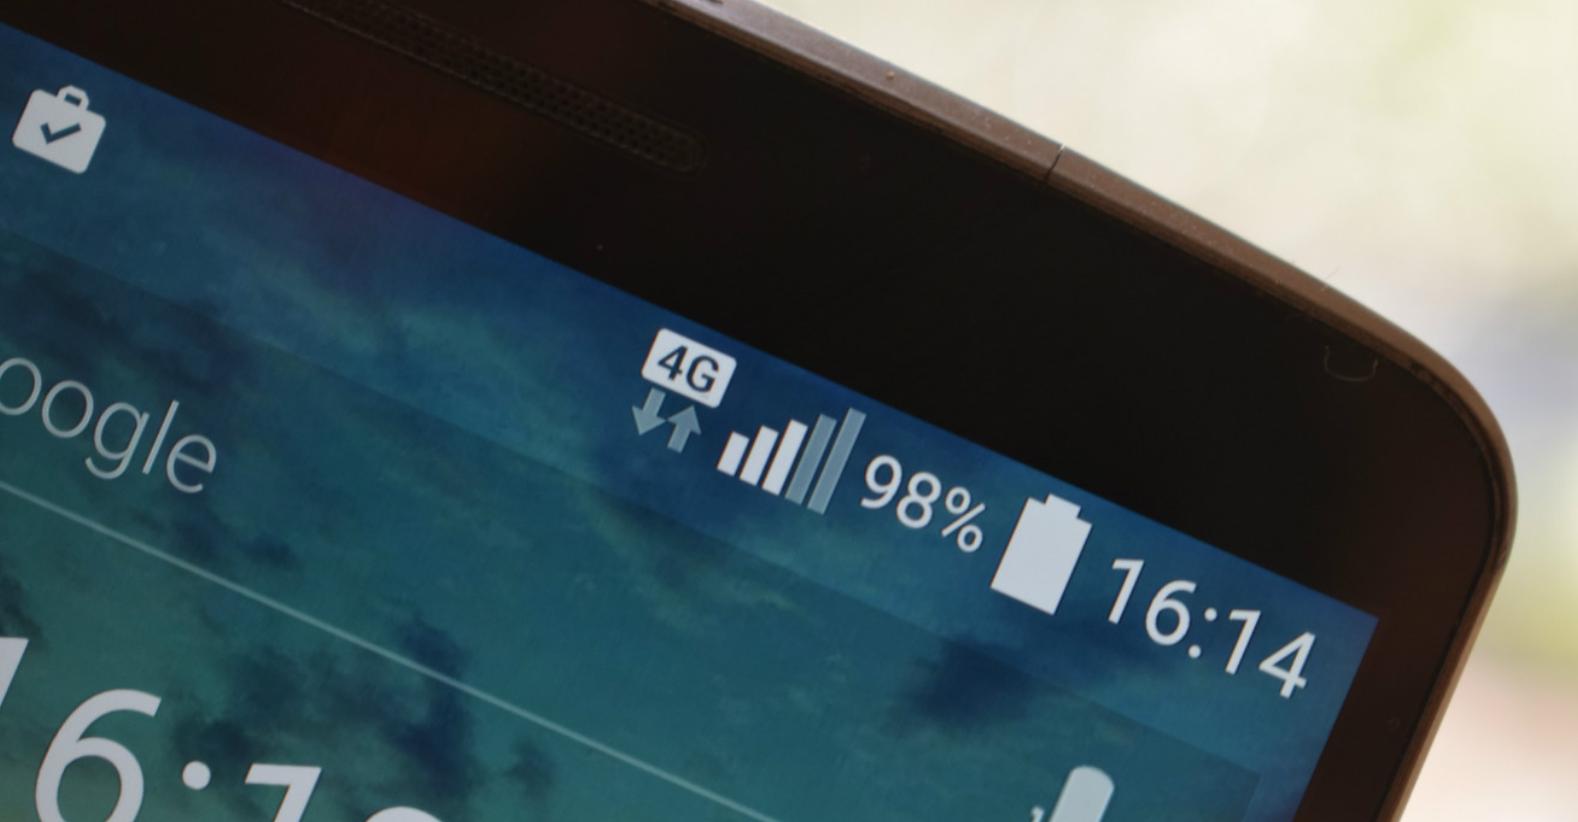 Kurš piedāvā ātrāko mobilo internetu Latvijā